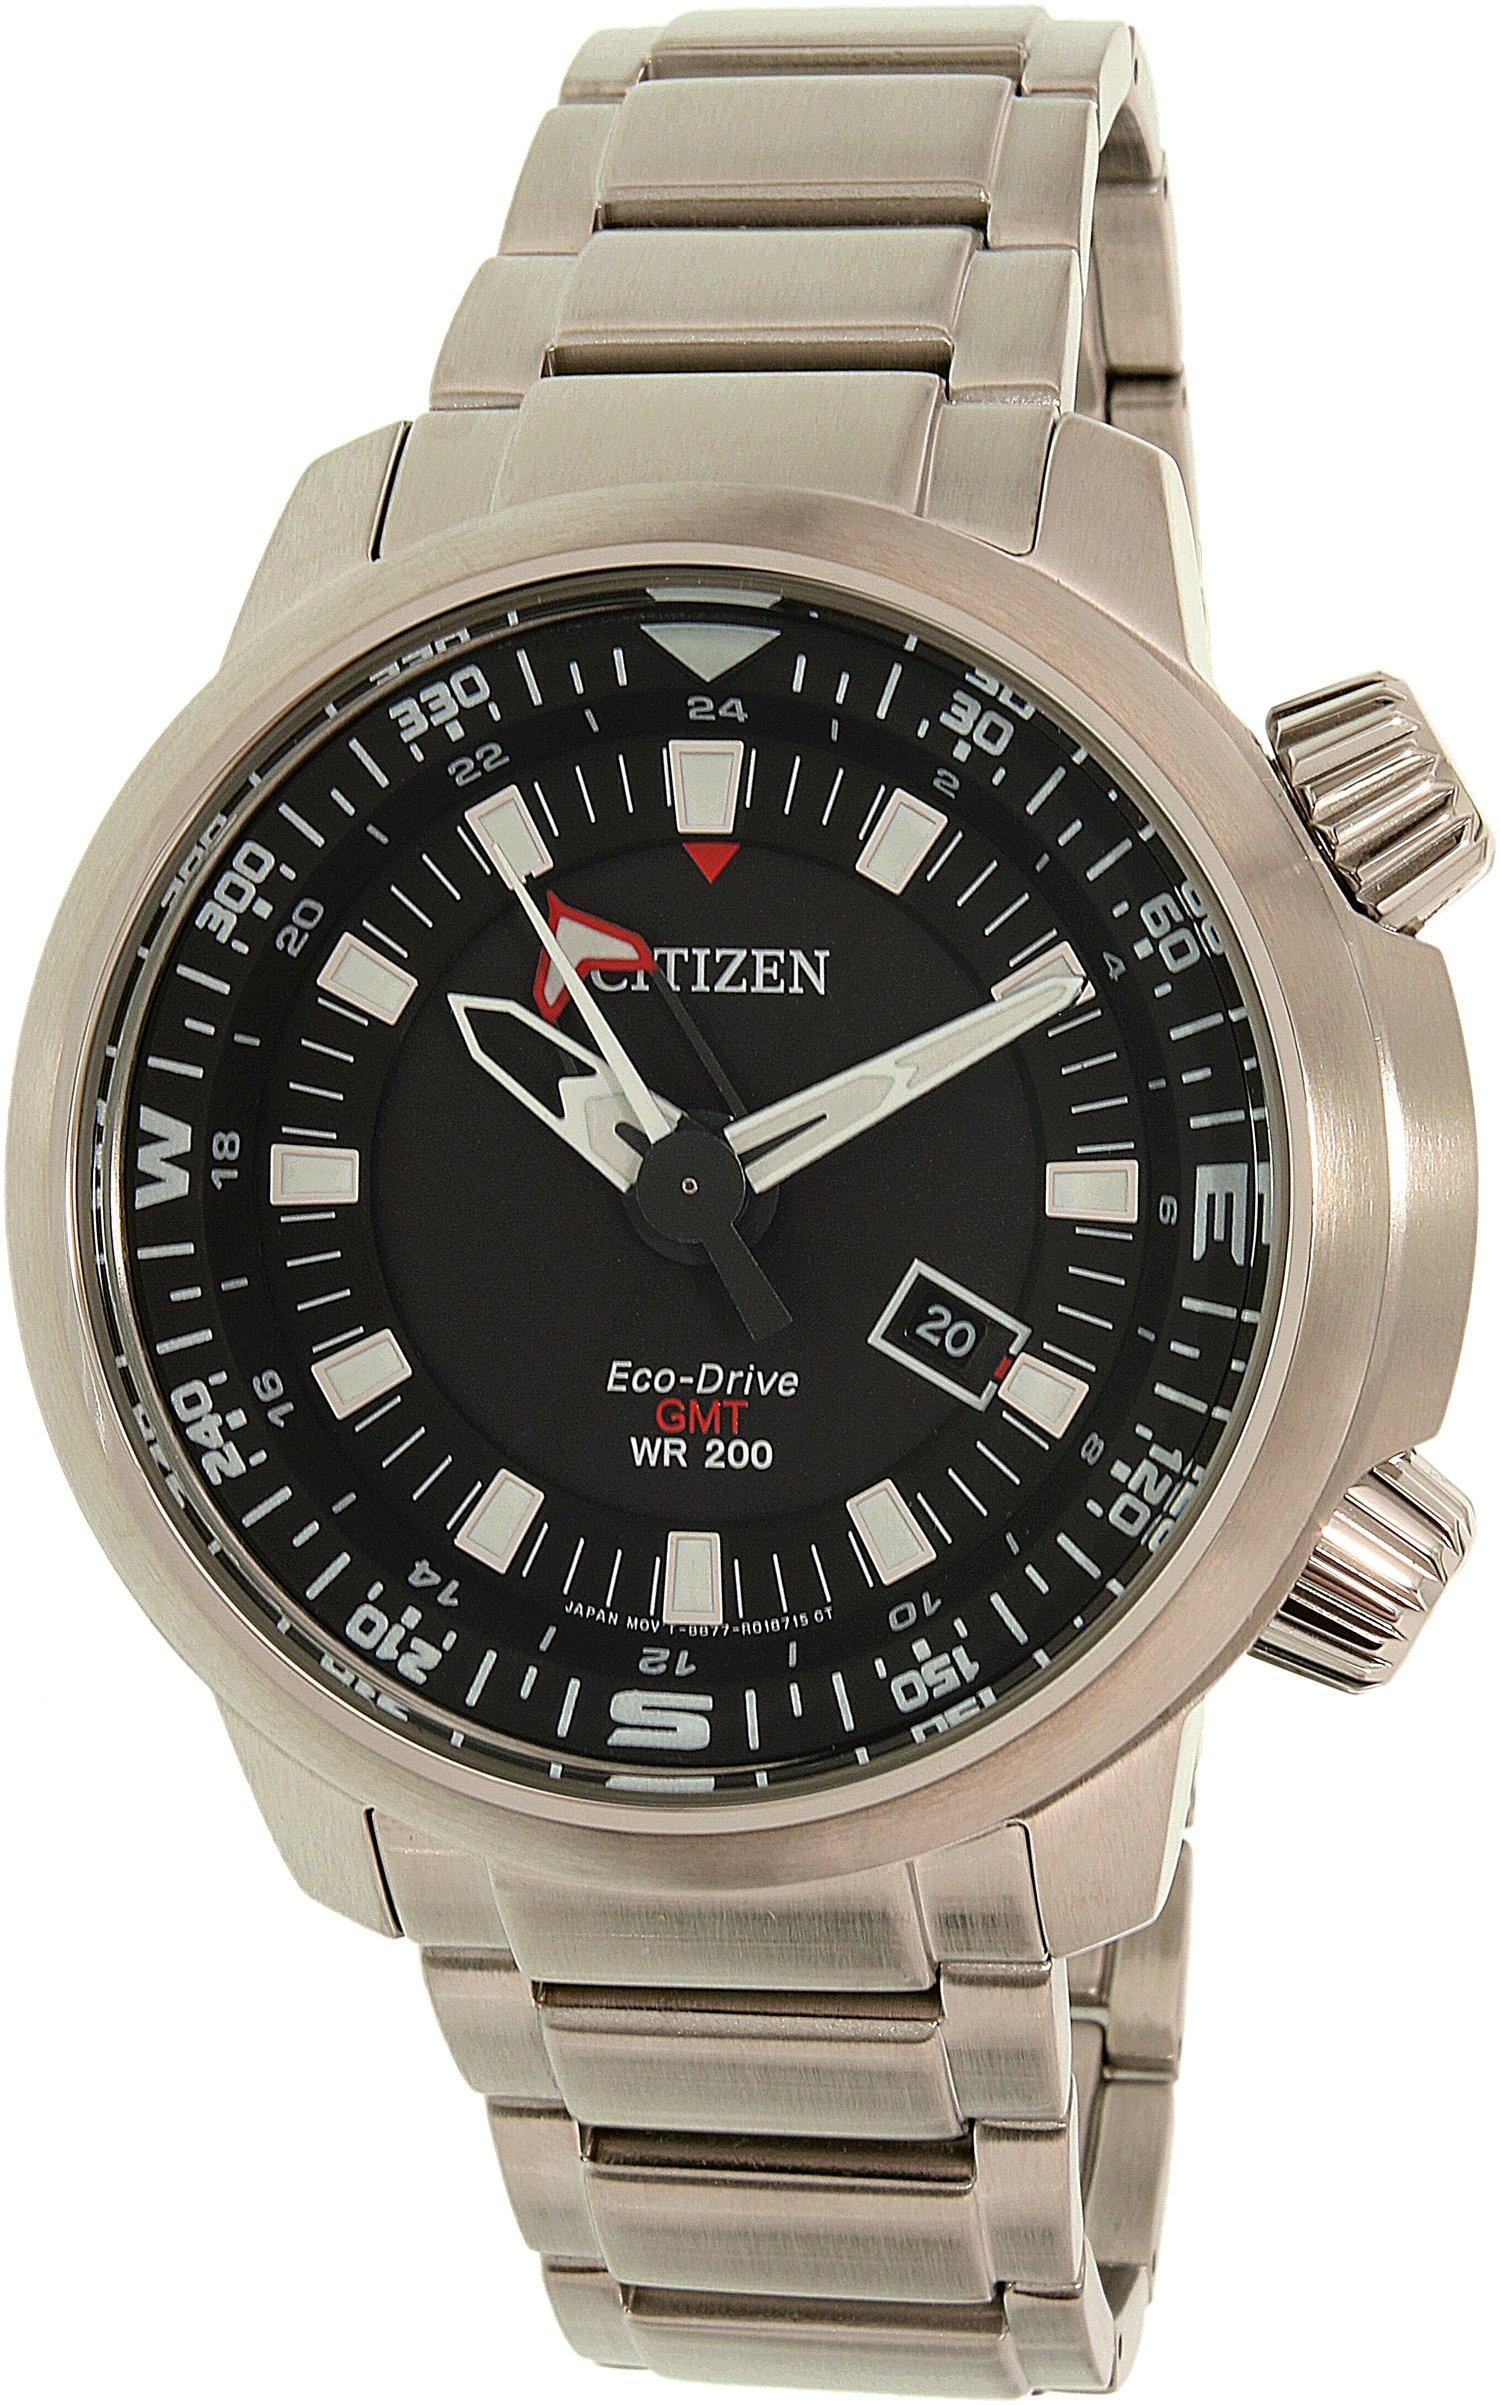 Men's Citizen Eco-Drive GMT Diver's Steel Watch BJ7080-53E